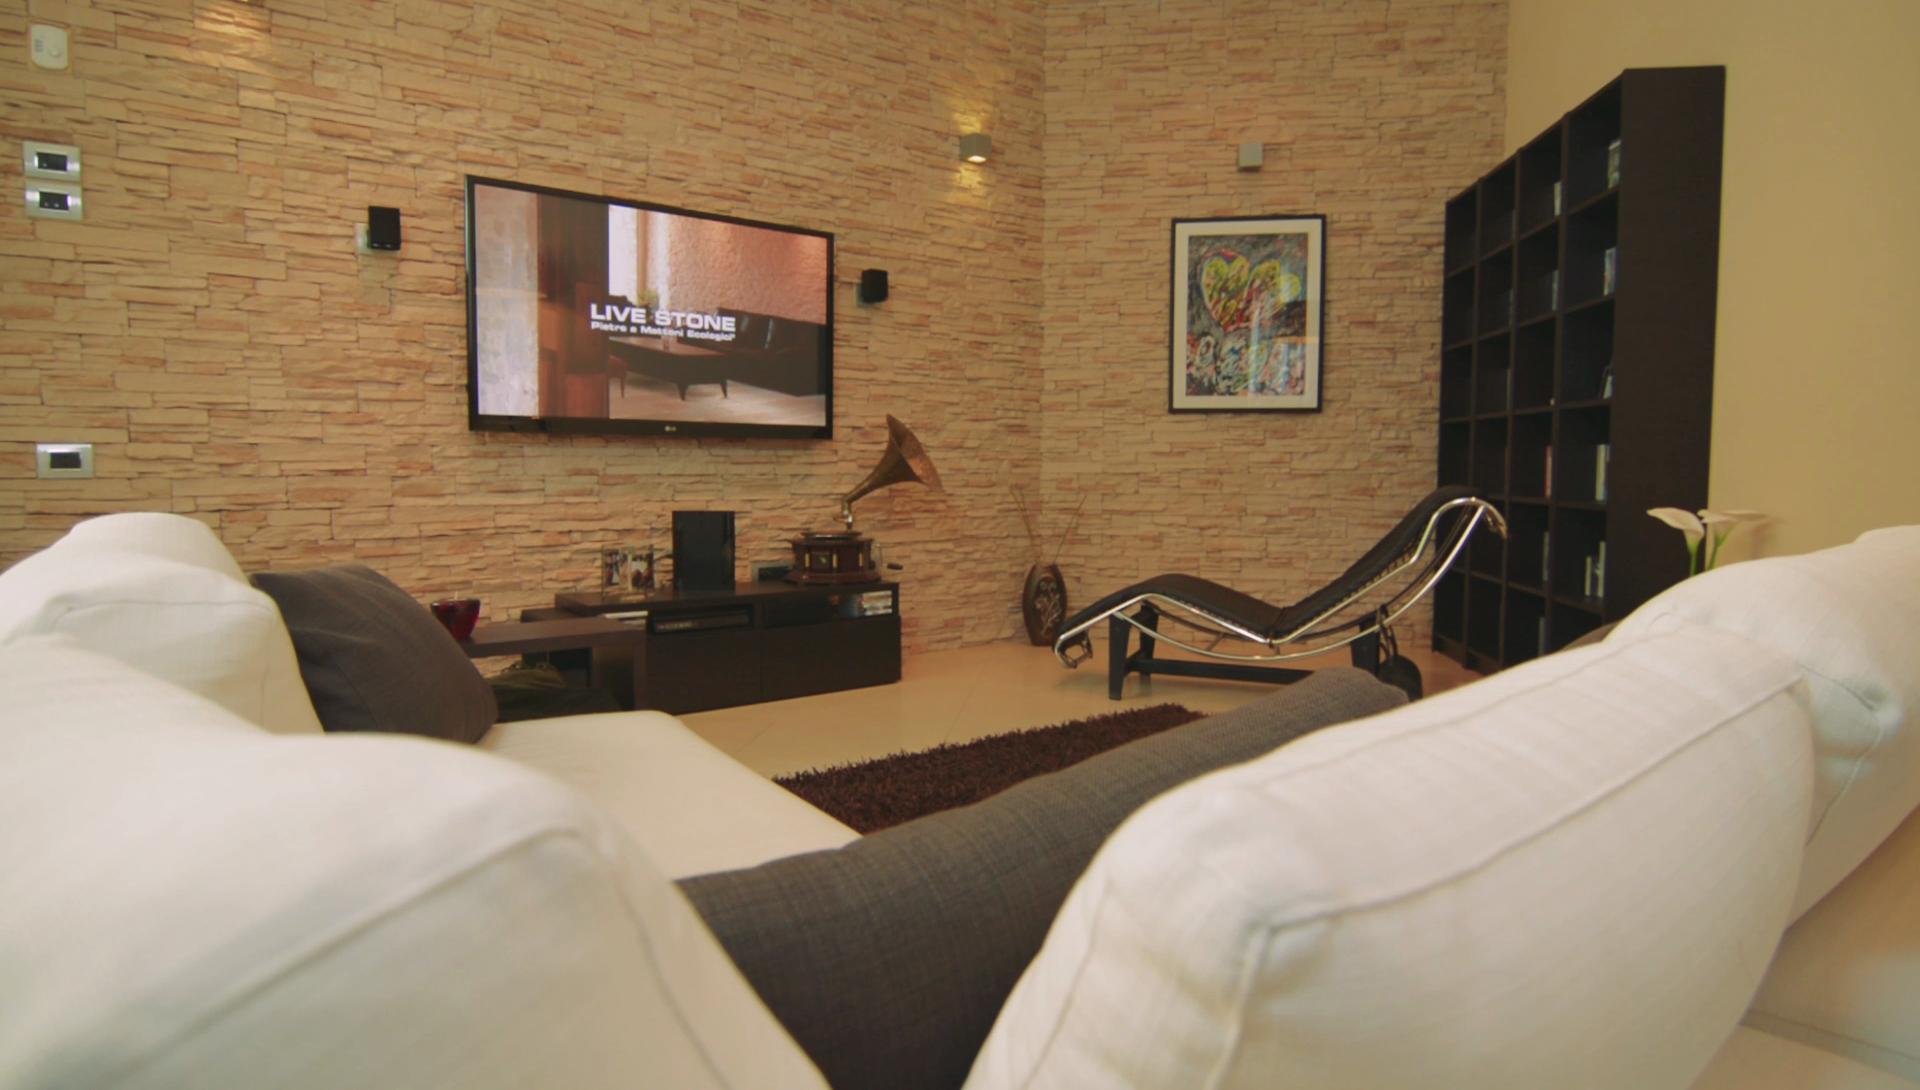 Live stone pietre e mattoni ecologici for Crea la tua casa 3d